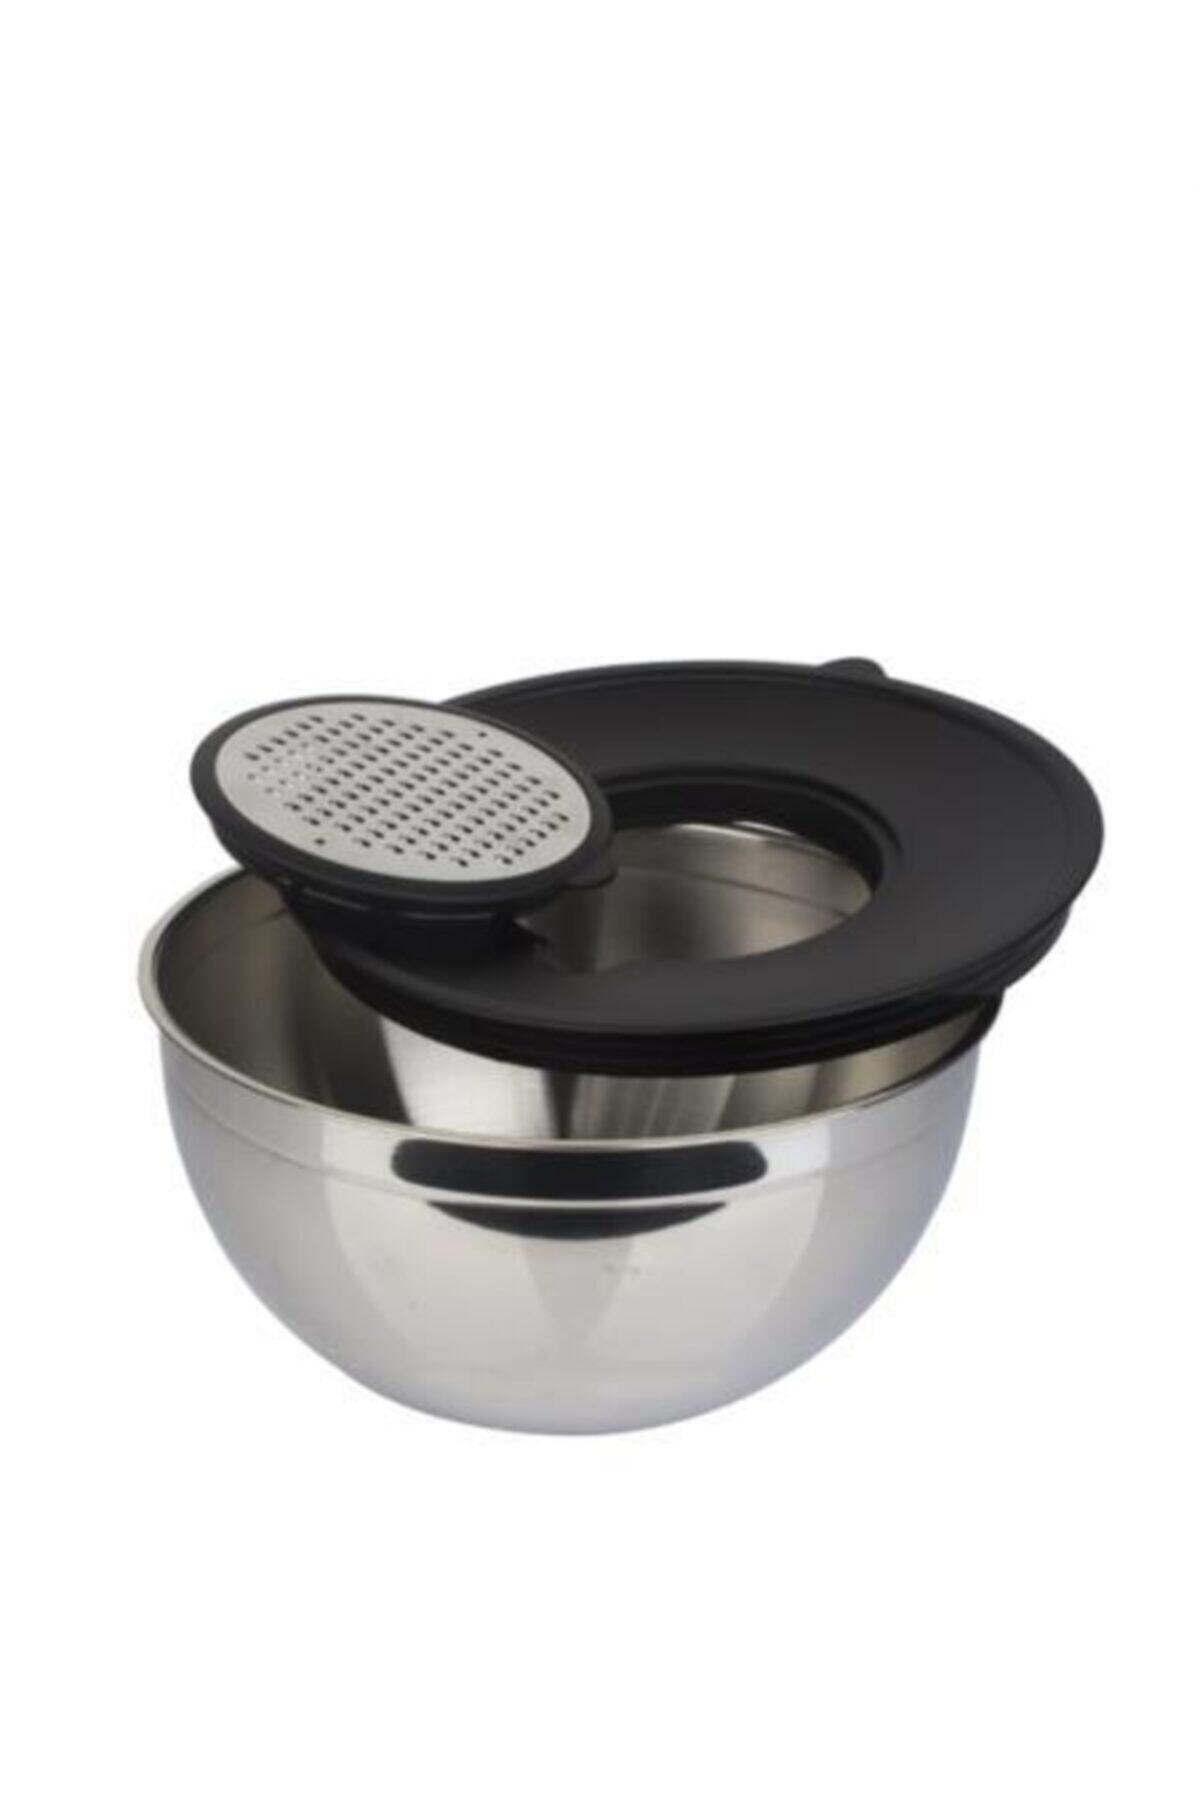 ACAR Karat 24 Cm Çelik Rendeli Karıştırma Kabı - Rendeli 1